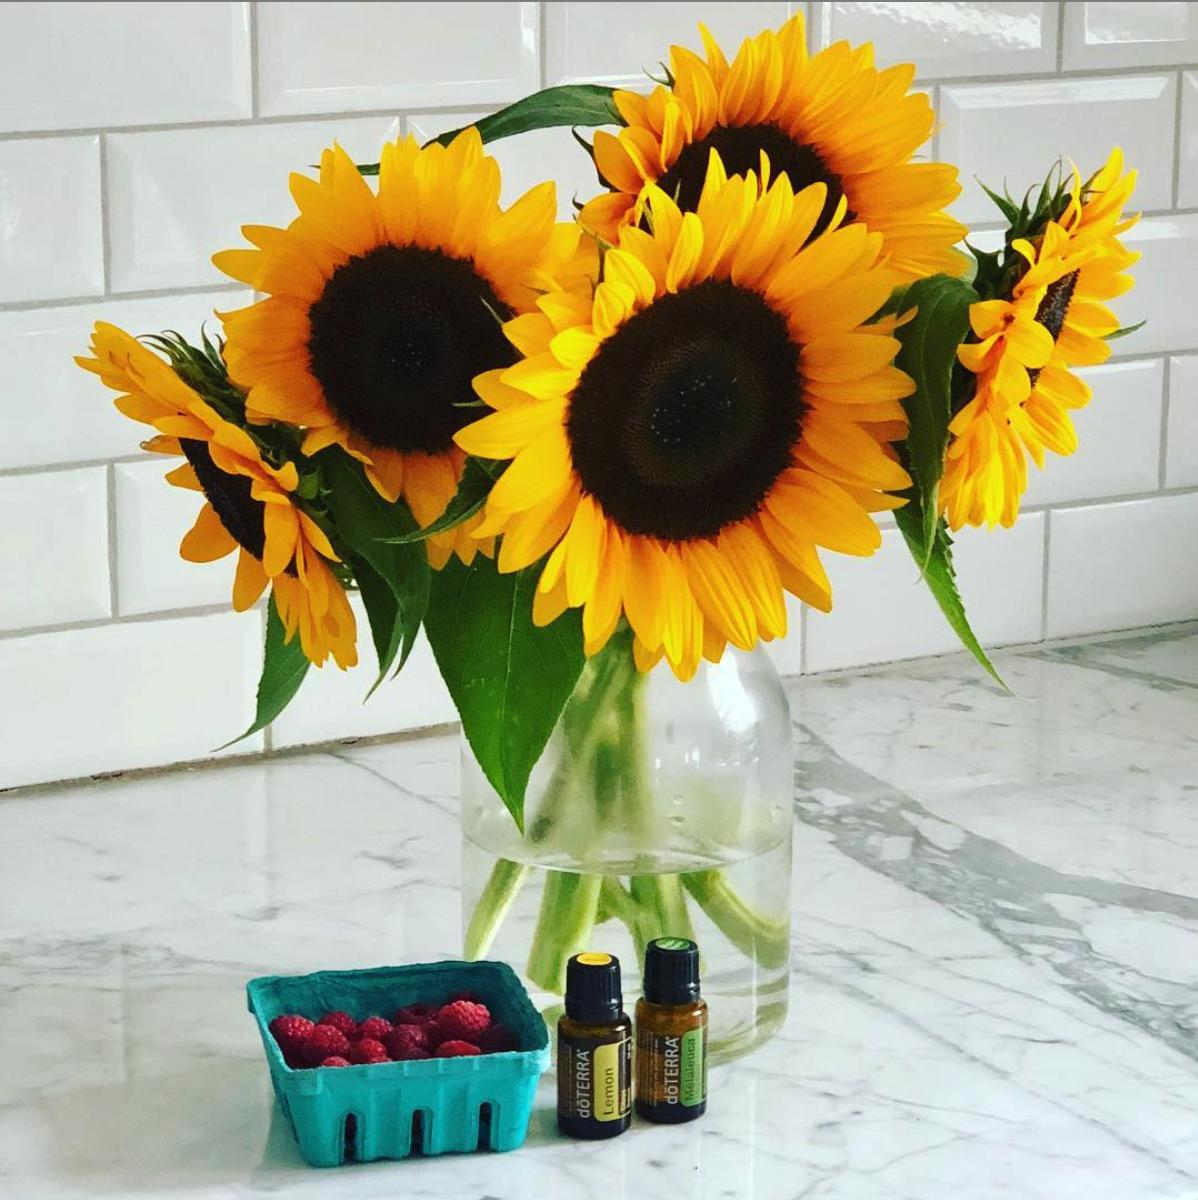 lemon and melaluca essential oil